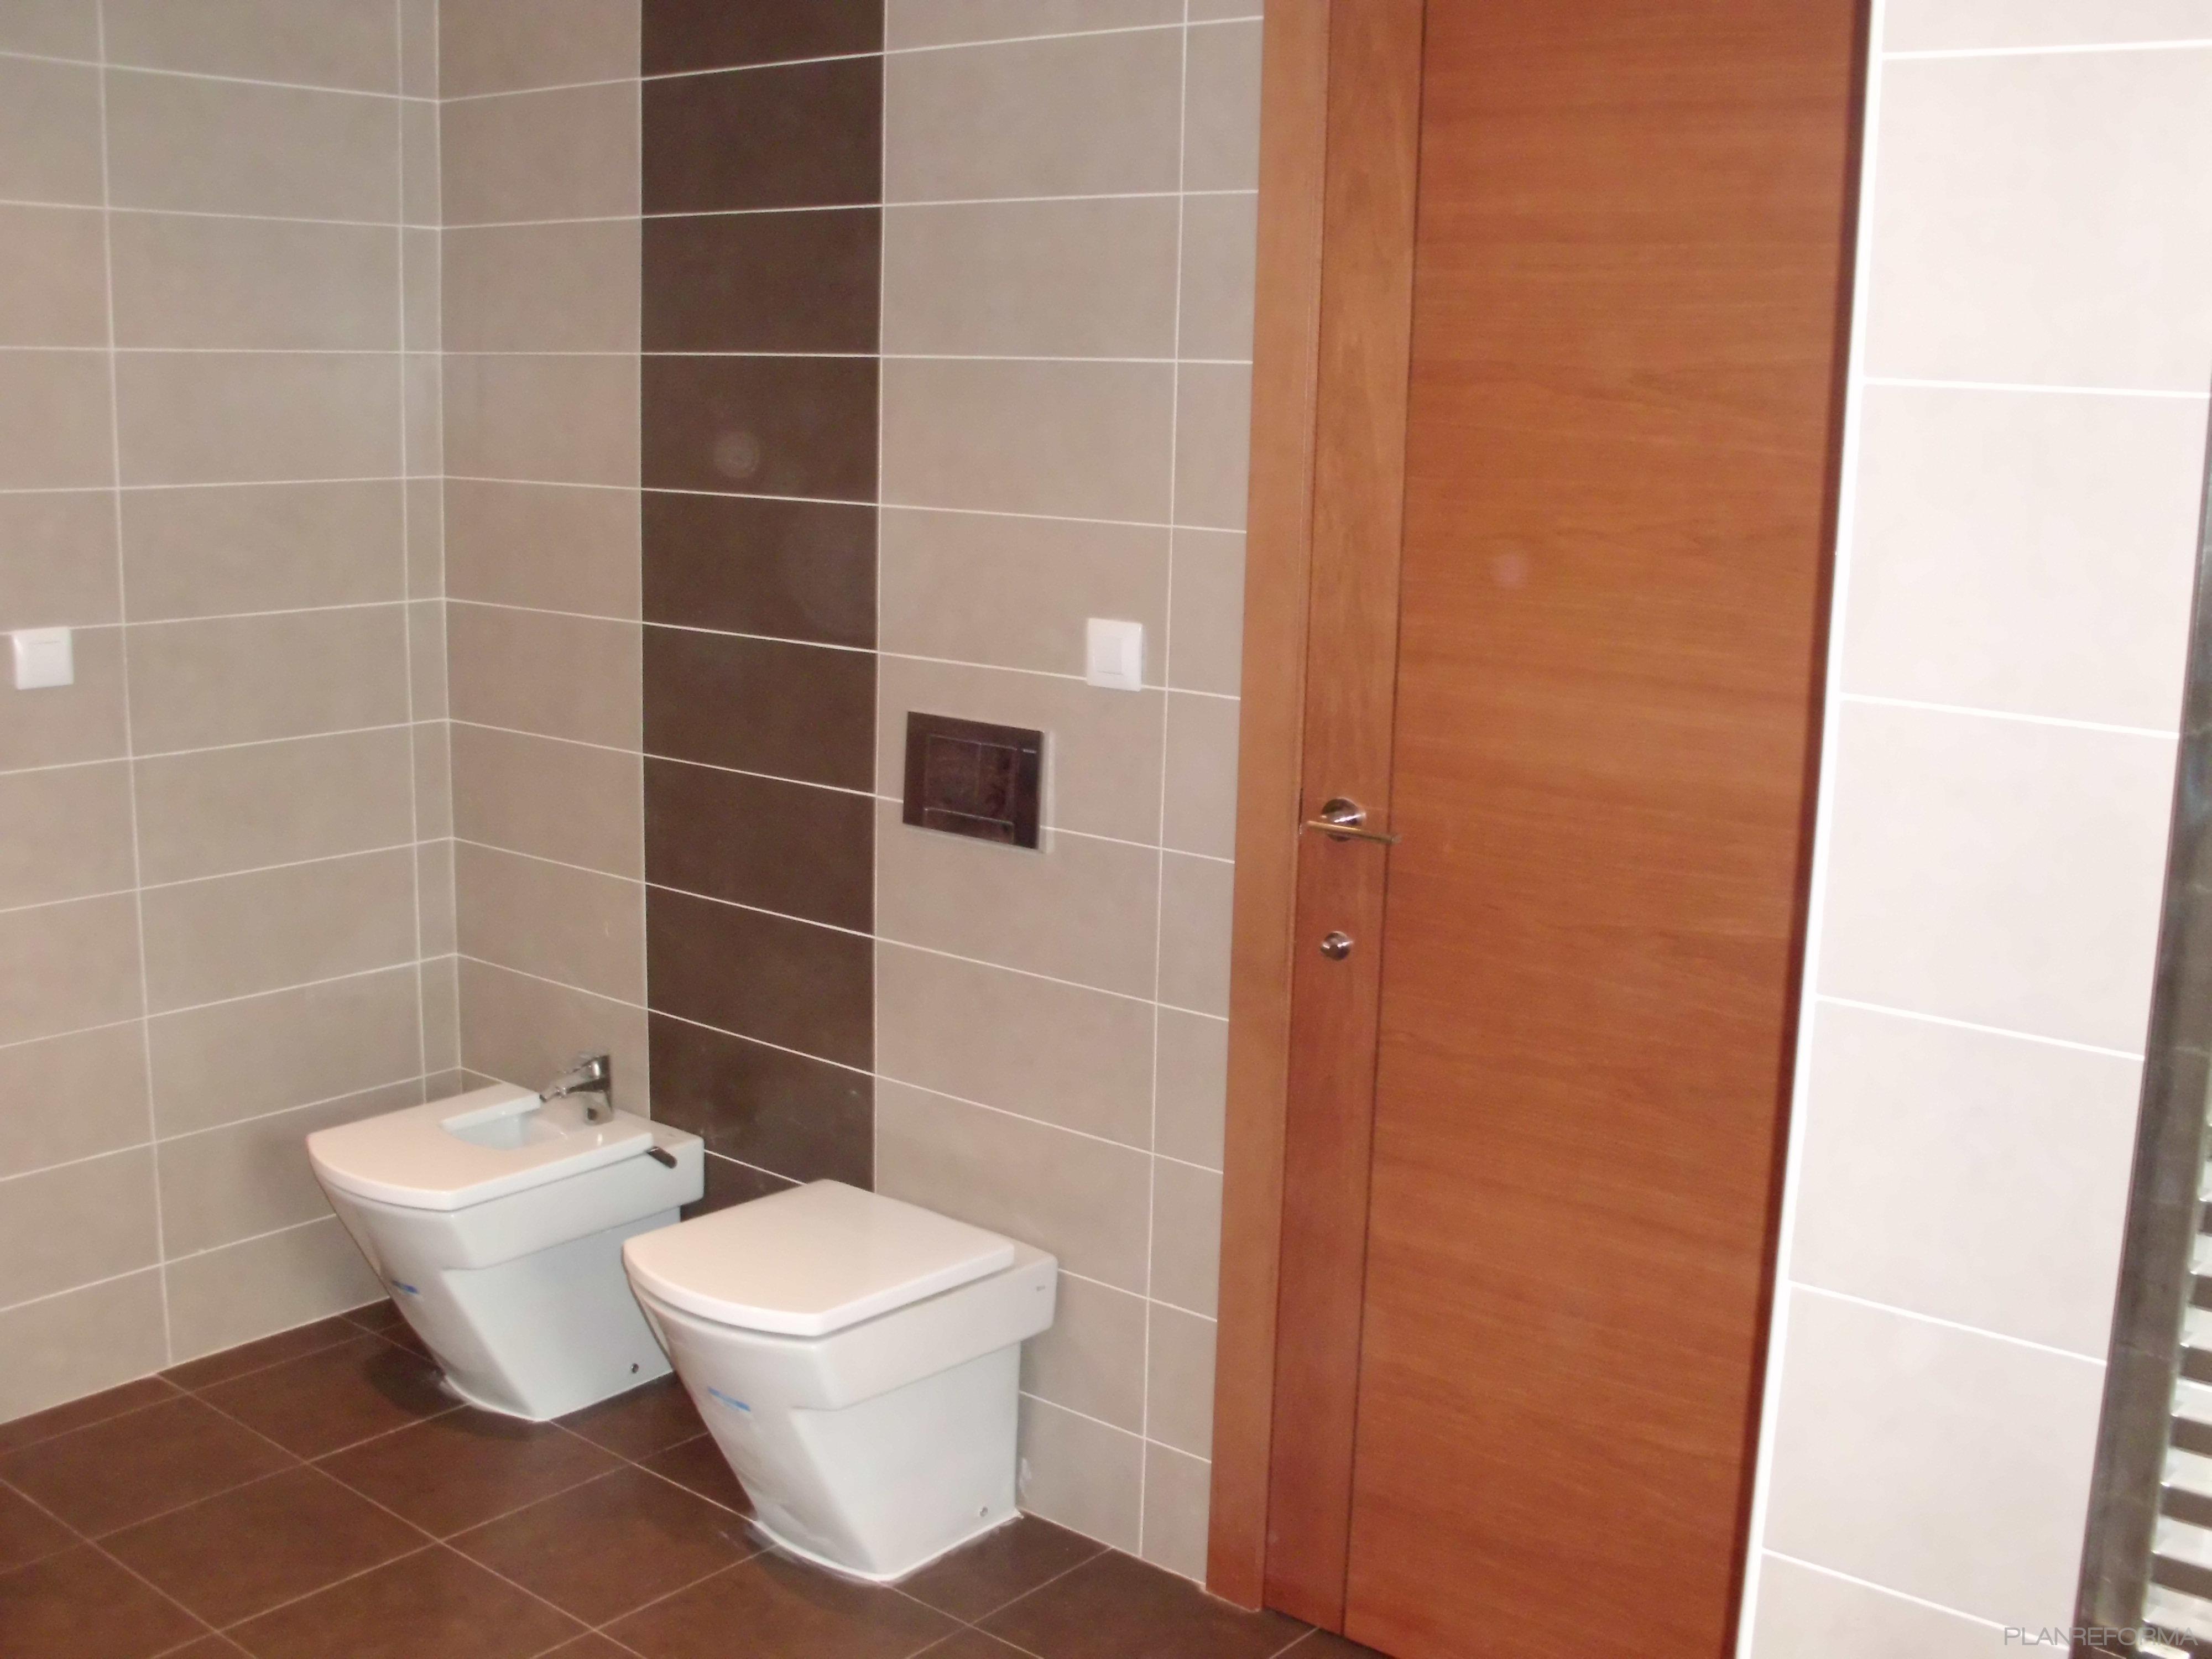 Ba o style moderno color marron marron beige blanco - Banos turquesa y marron ...